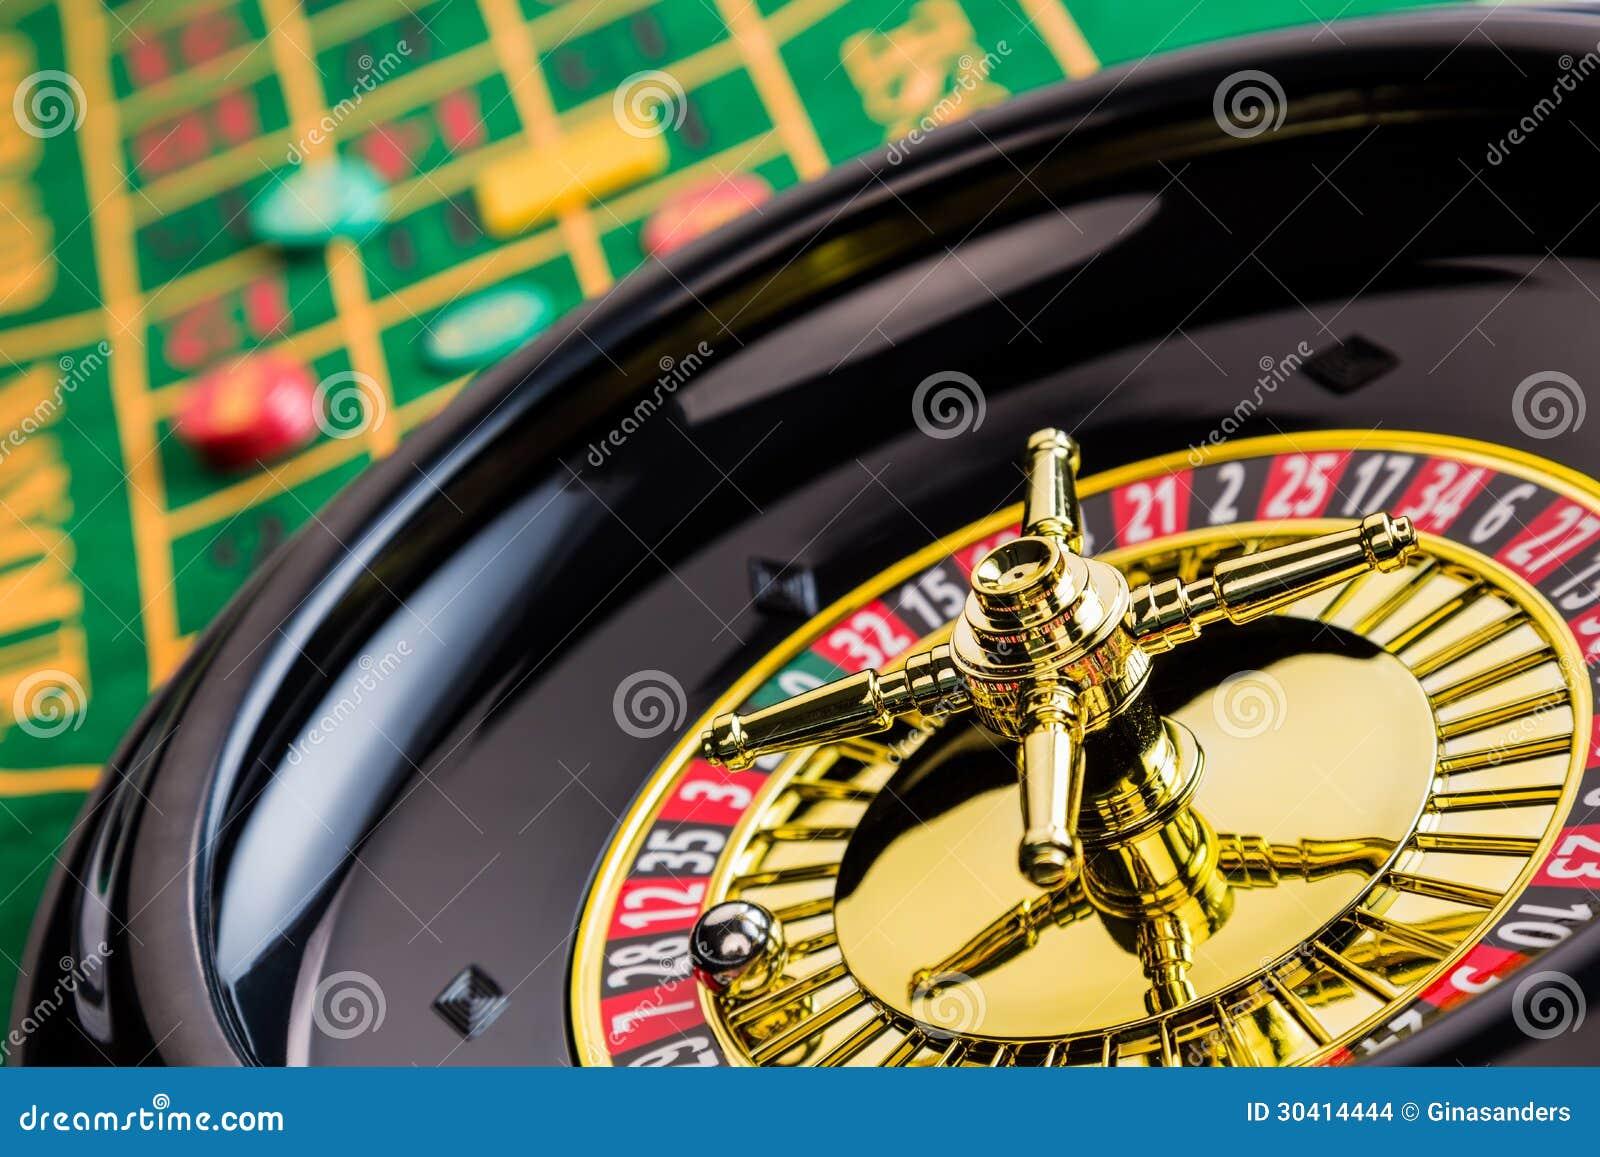 Machine roulette casino